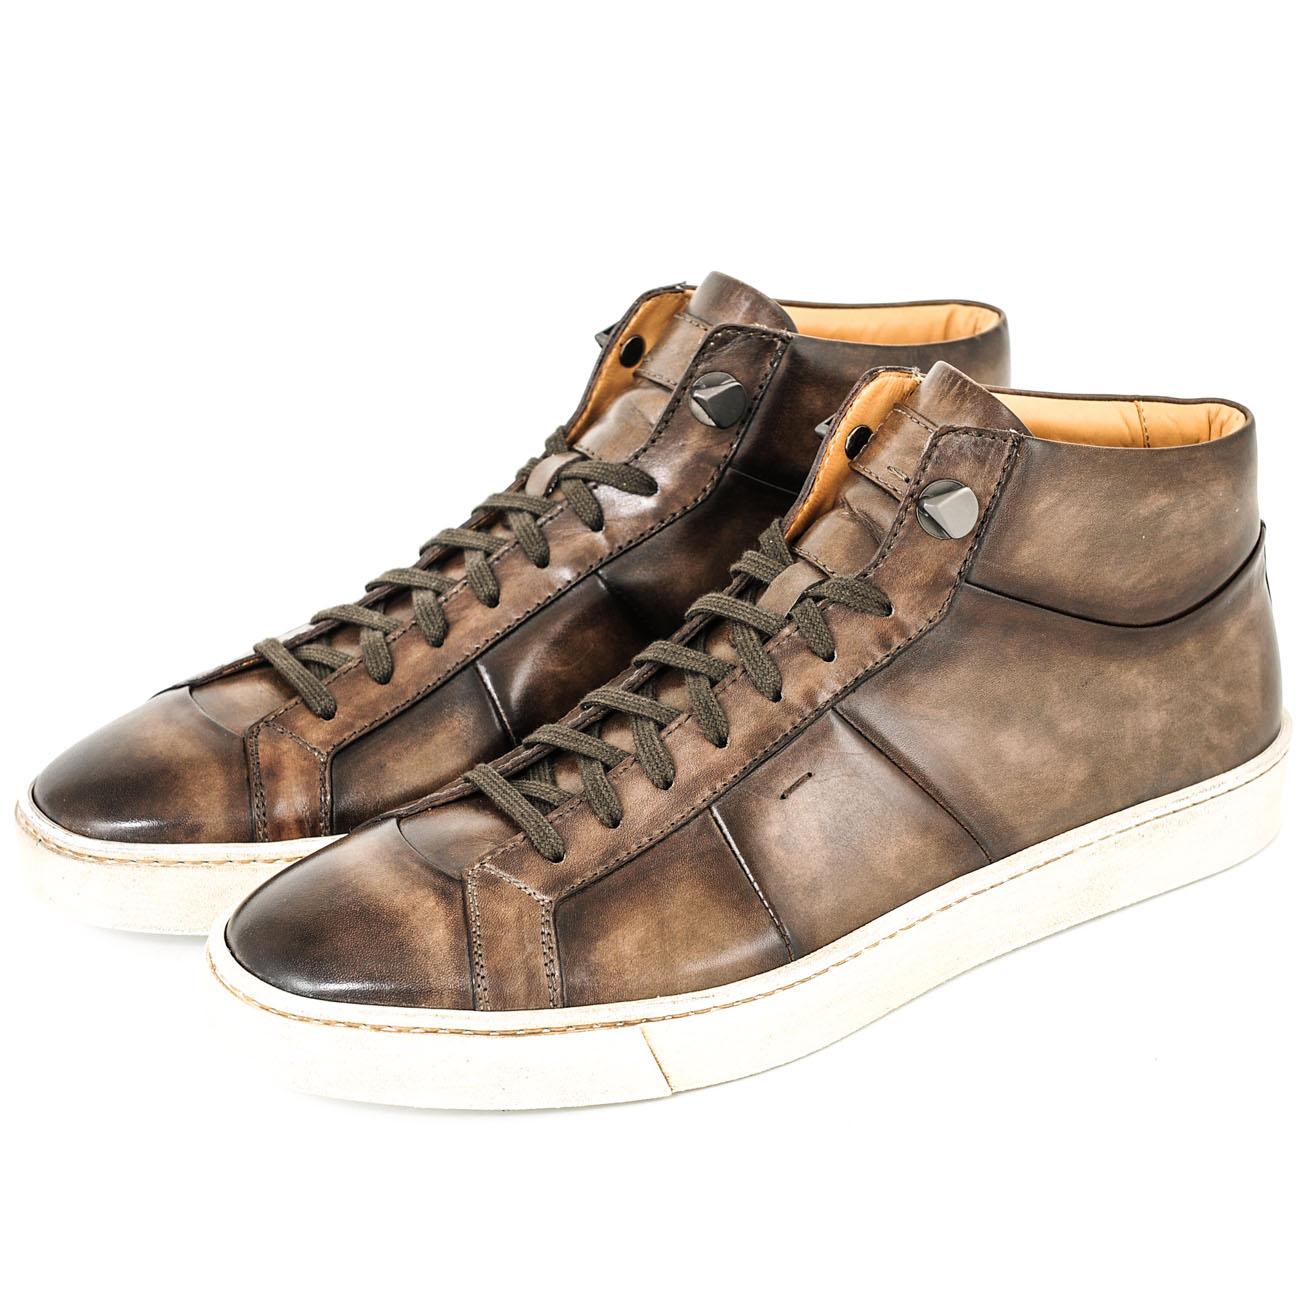 SantoniMilan shoes Peu Coûteux j6vRPw5h20